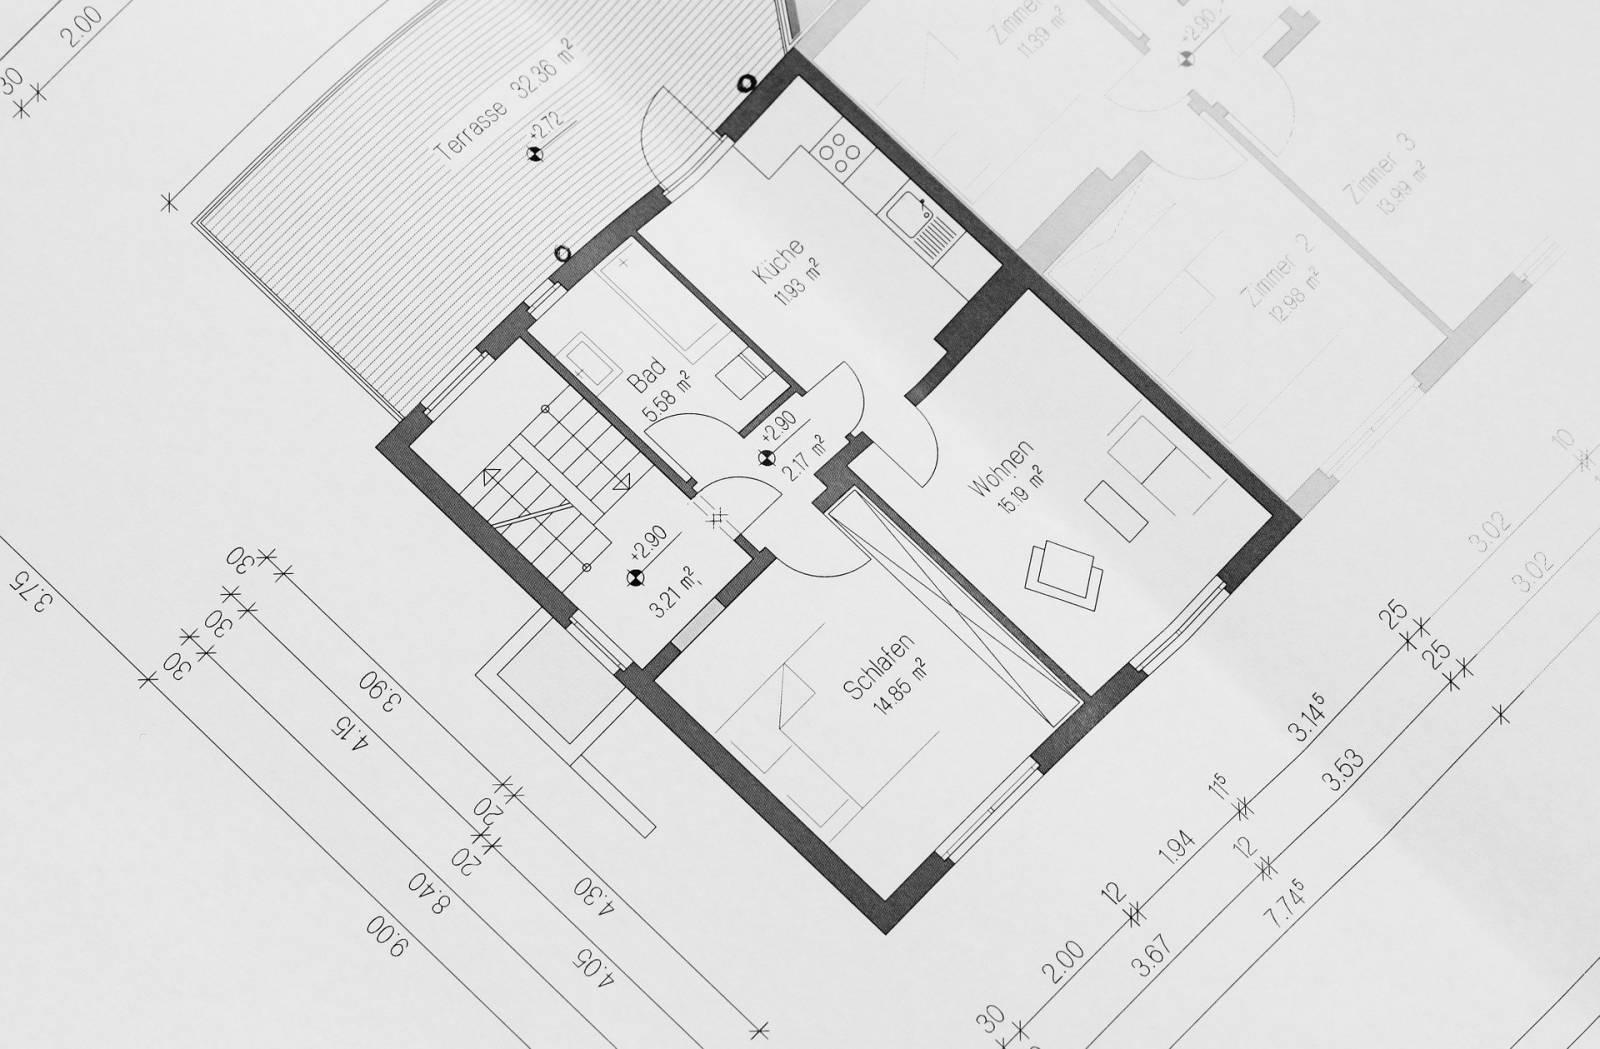 Creation De Plans De Maison Pour Permis De Construire A Goderville Proche Fecamp Maitre D œuvre De L Habitat Autour De Fecamp Kigeretou